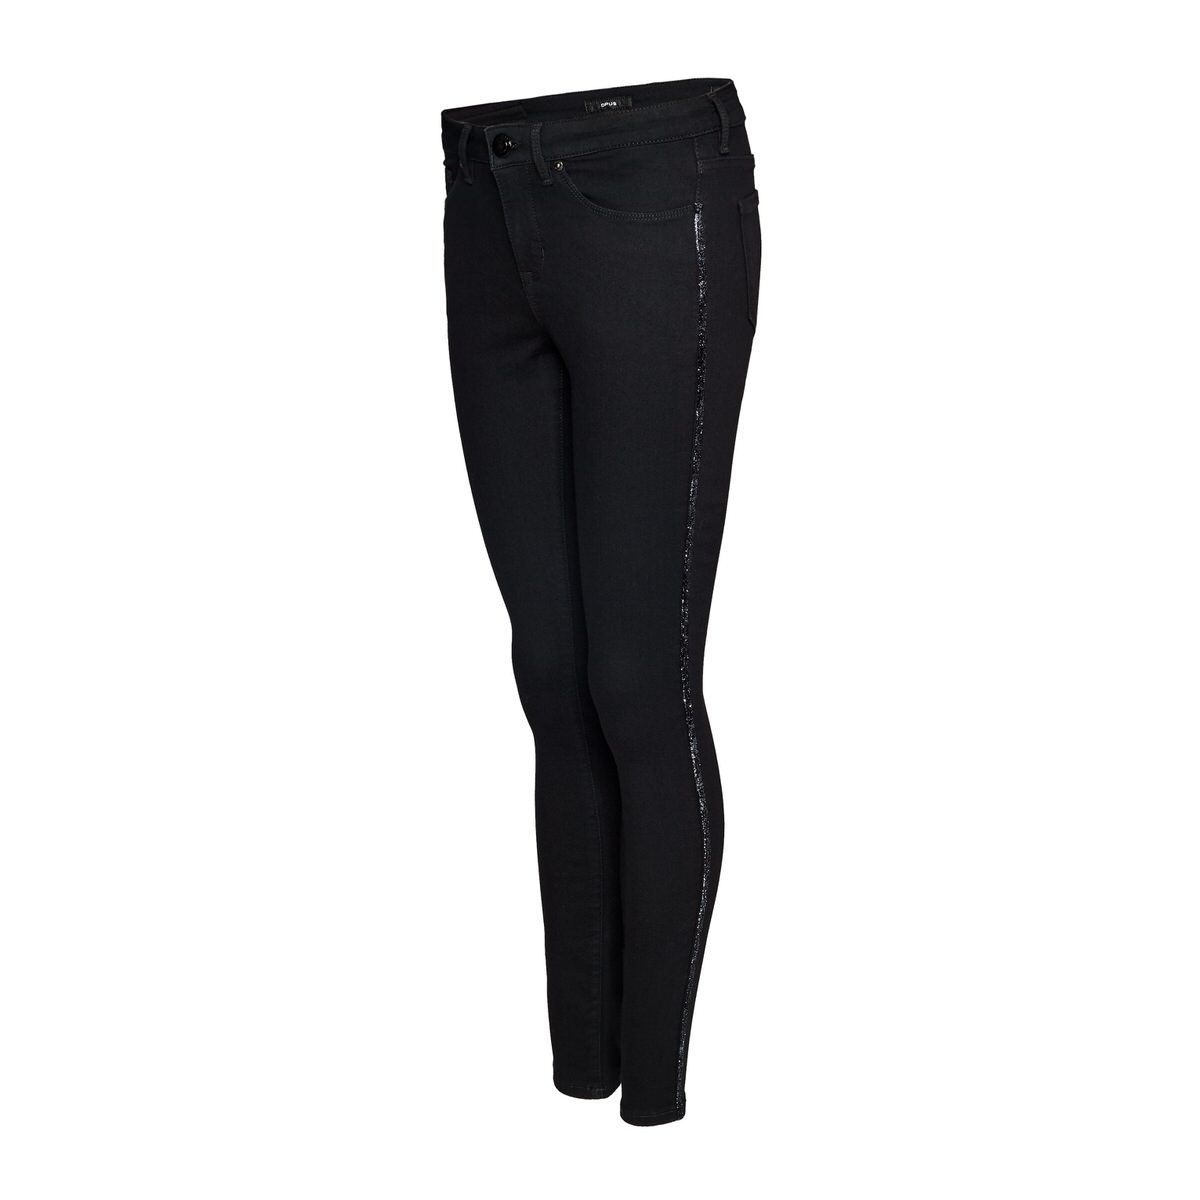 Artikel klicken und genauer betrachten! - Die klassische Skinny Jeans aus einem Baumwoll-Mix überzeugt mit einer bequemen Tragbarkeit. Ein echtes Highlight ist der schimmernde Galonstreifen in der Seitennaht, der der Hose einen edlen Hauch verleiht. Die Jeans wird abgerundet durch das Five-Pocket-Design. Baumwoll-Mix, schimmernder Galonstreifen, Five-Pocket Design, das Model ist 177 cm groß und trägt Größe 36.   im Online Shop kaufen